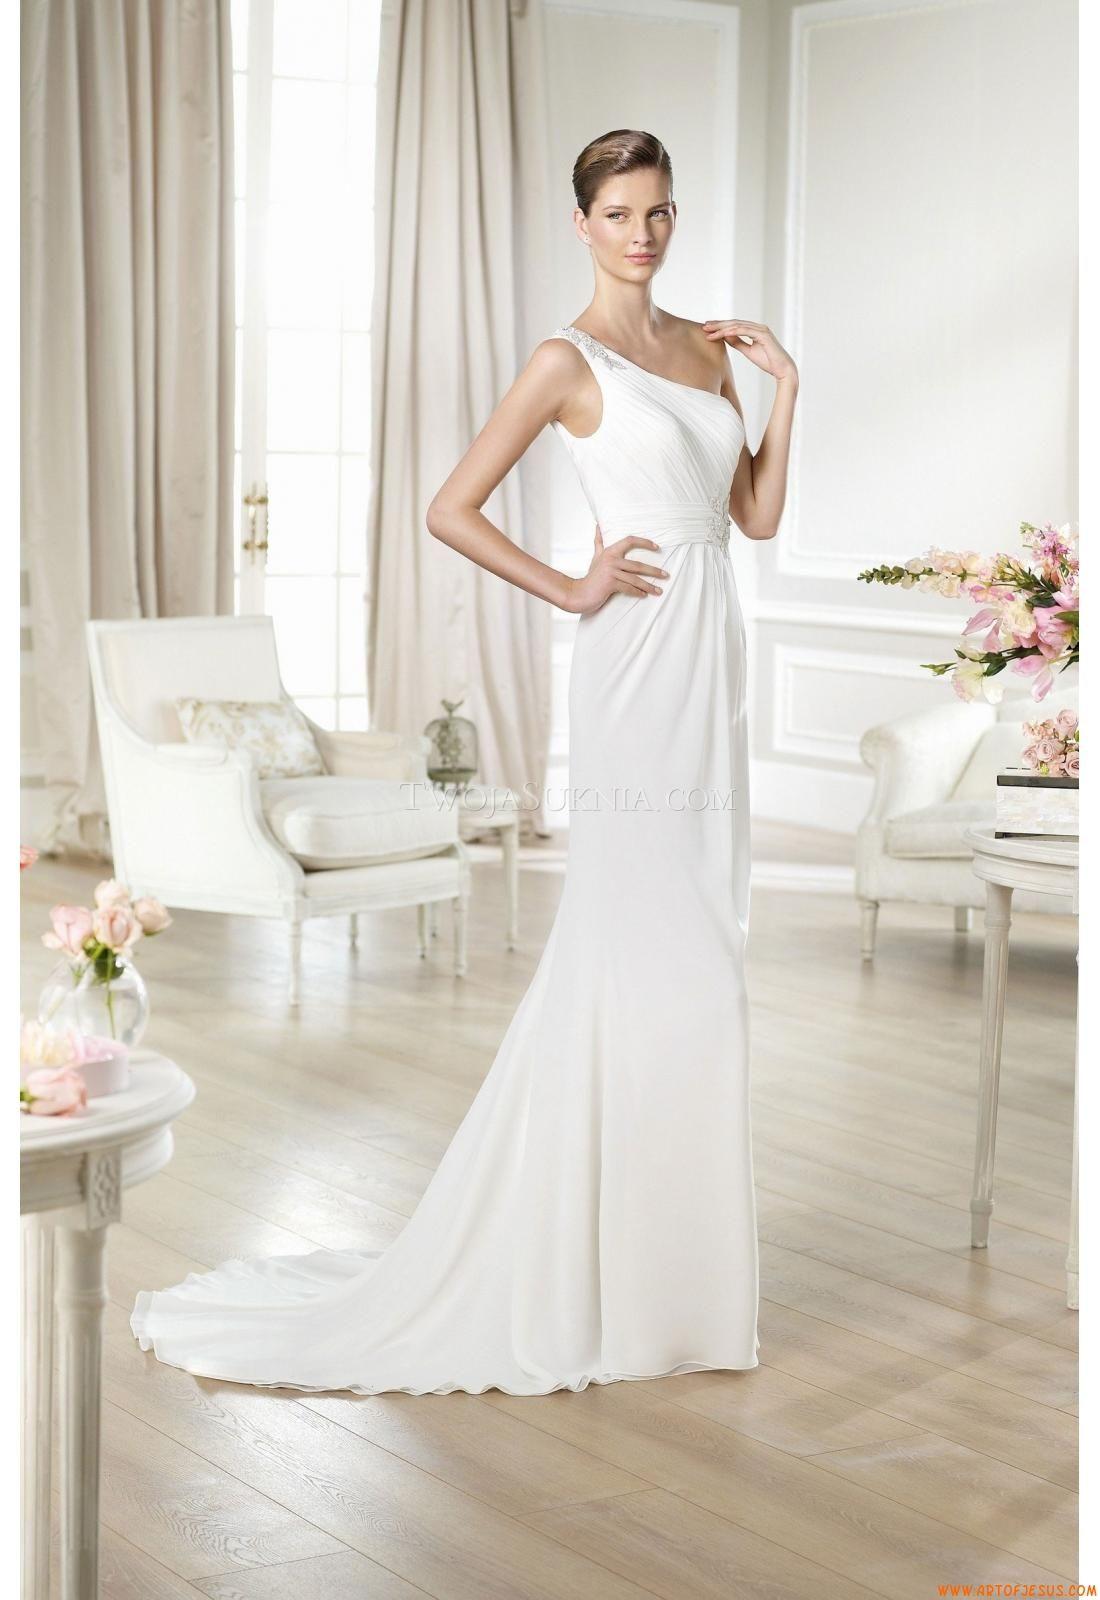 Wedding Dresses White One Jansi 2014